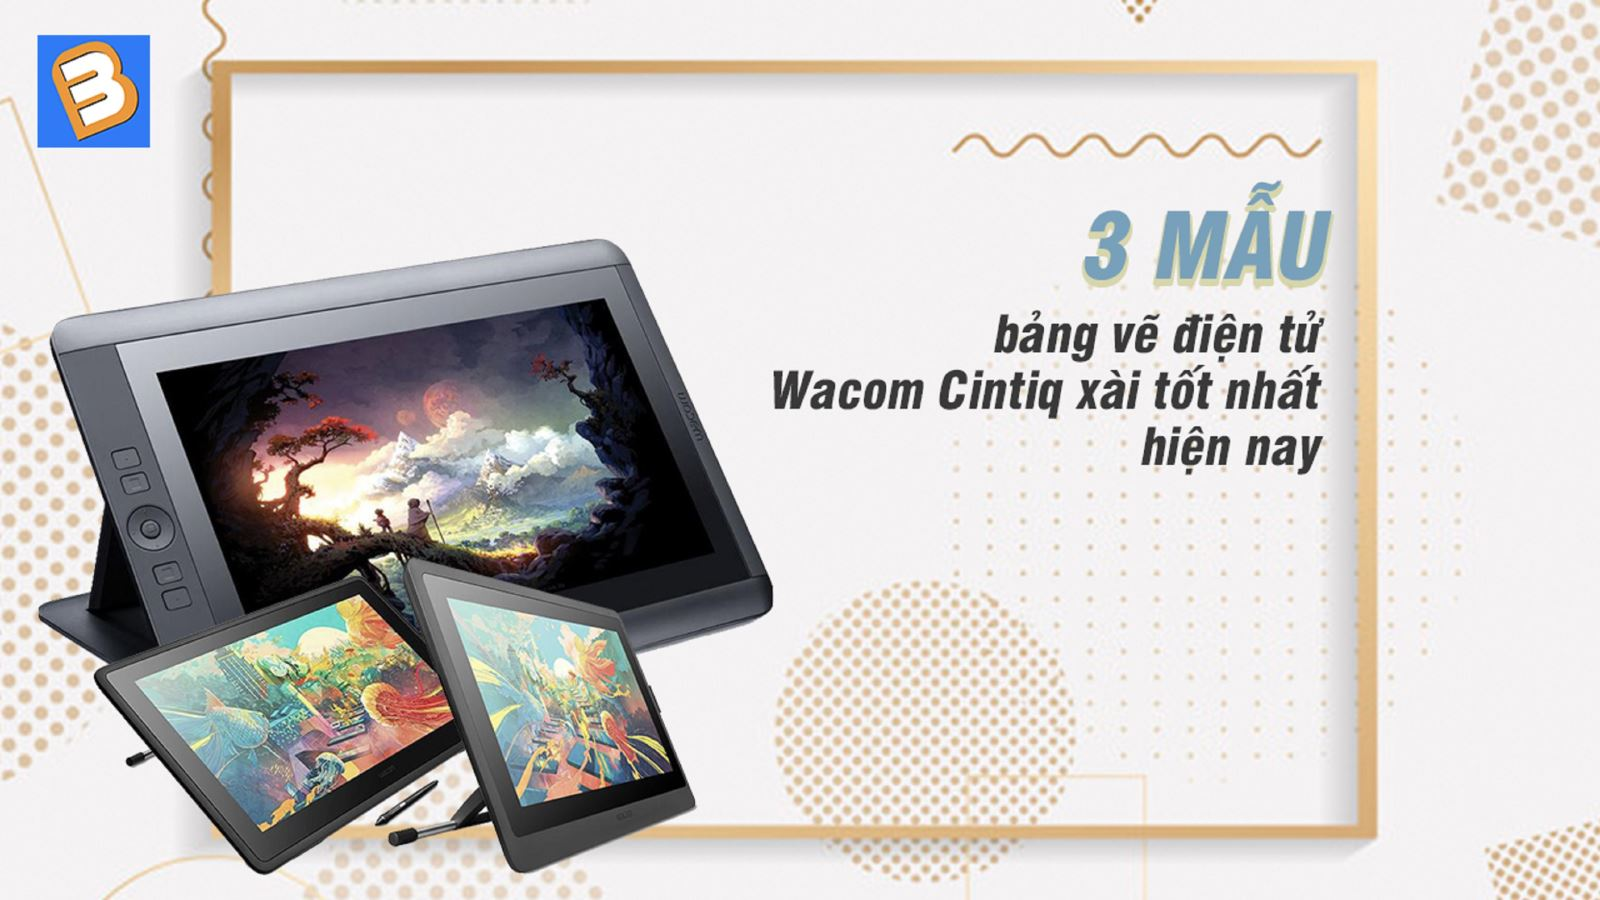 3 mẫu bảng vẽ điện tử Wacom Cintiq xài tốt nhất hiện nay